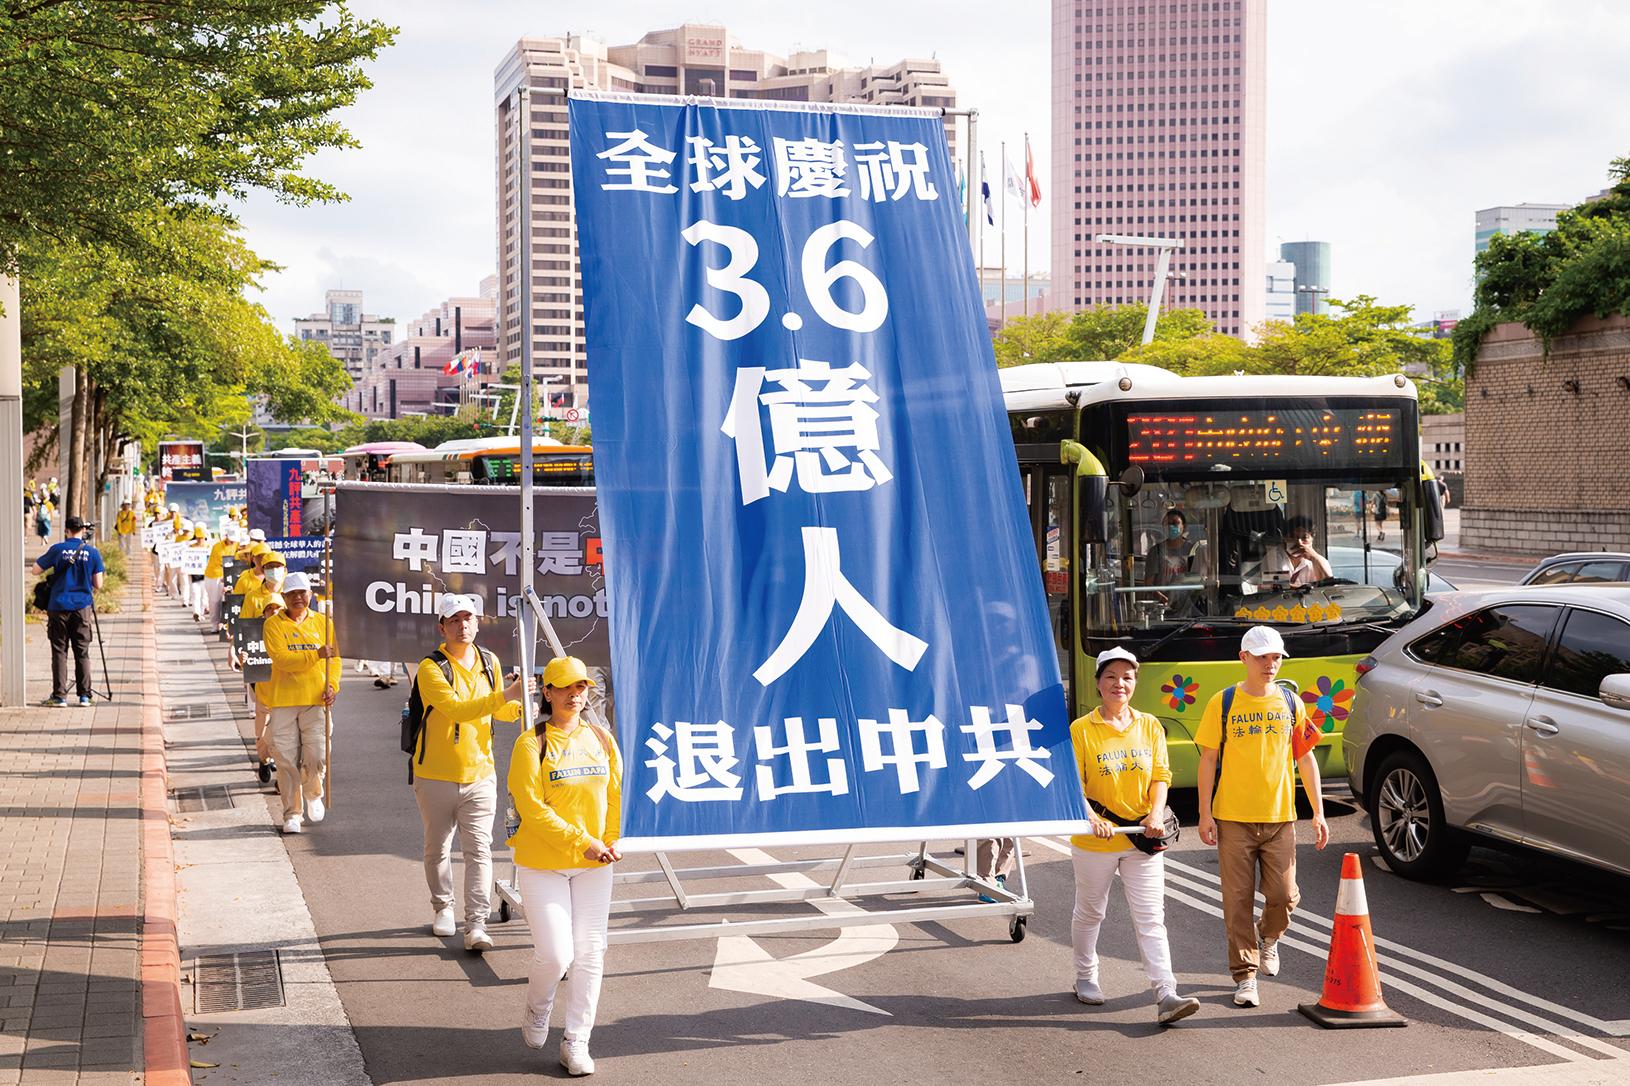 2004年《大紀元時報》發表了系列社論《九評共產黨》,自此揭開了退出中共運動的序幕,迄今已有超過3.65億人在《大紀元》退黨網站宣佈退出中共及其附屬組織共青團、少先隊。圖為2020年7月18日,台灣部份法輪功學員在台北市舉行「天滅中共 結束迫害」遊行。(陳柏州/大紀元)